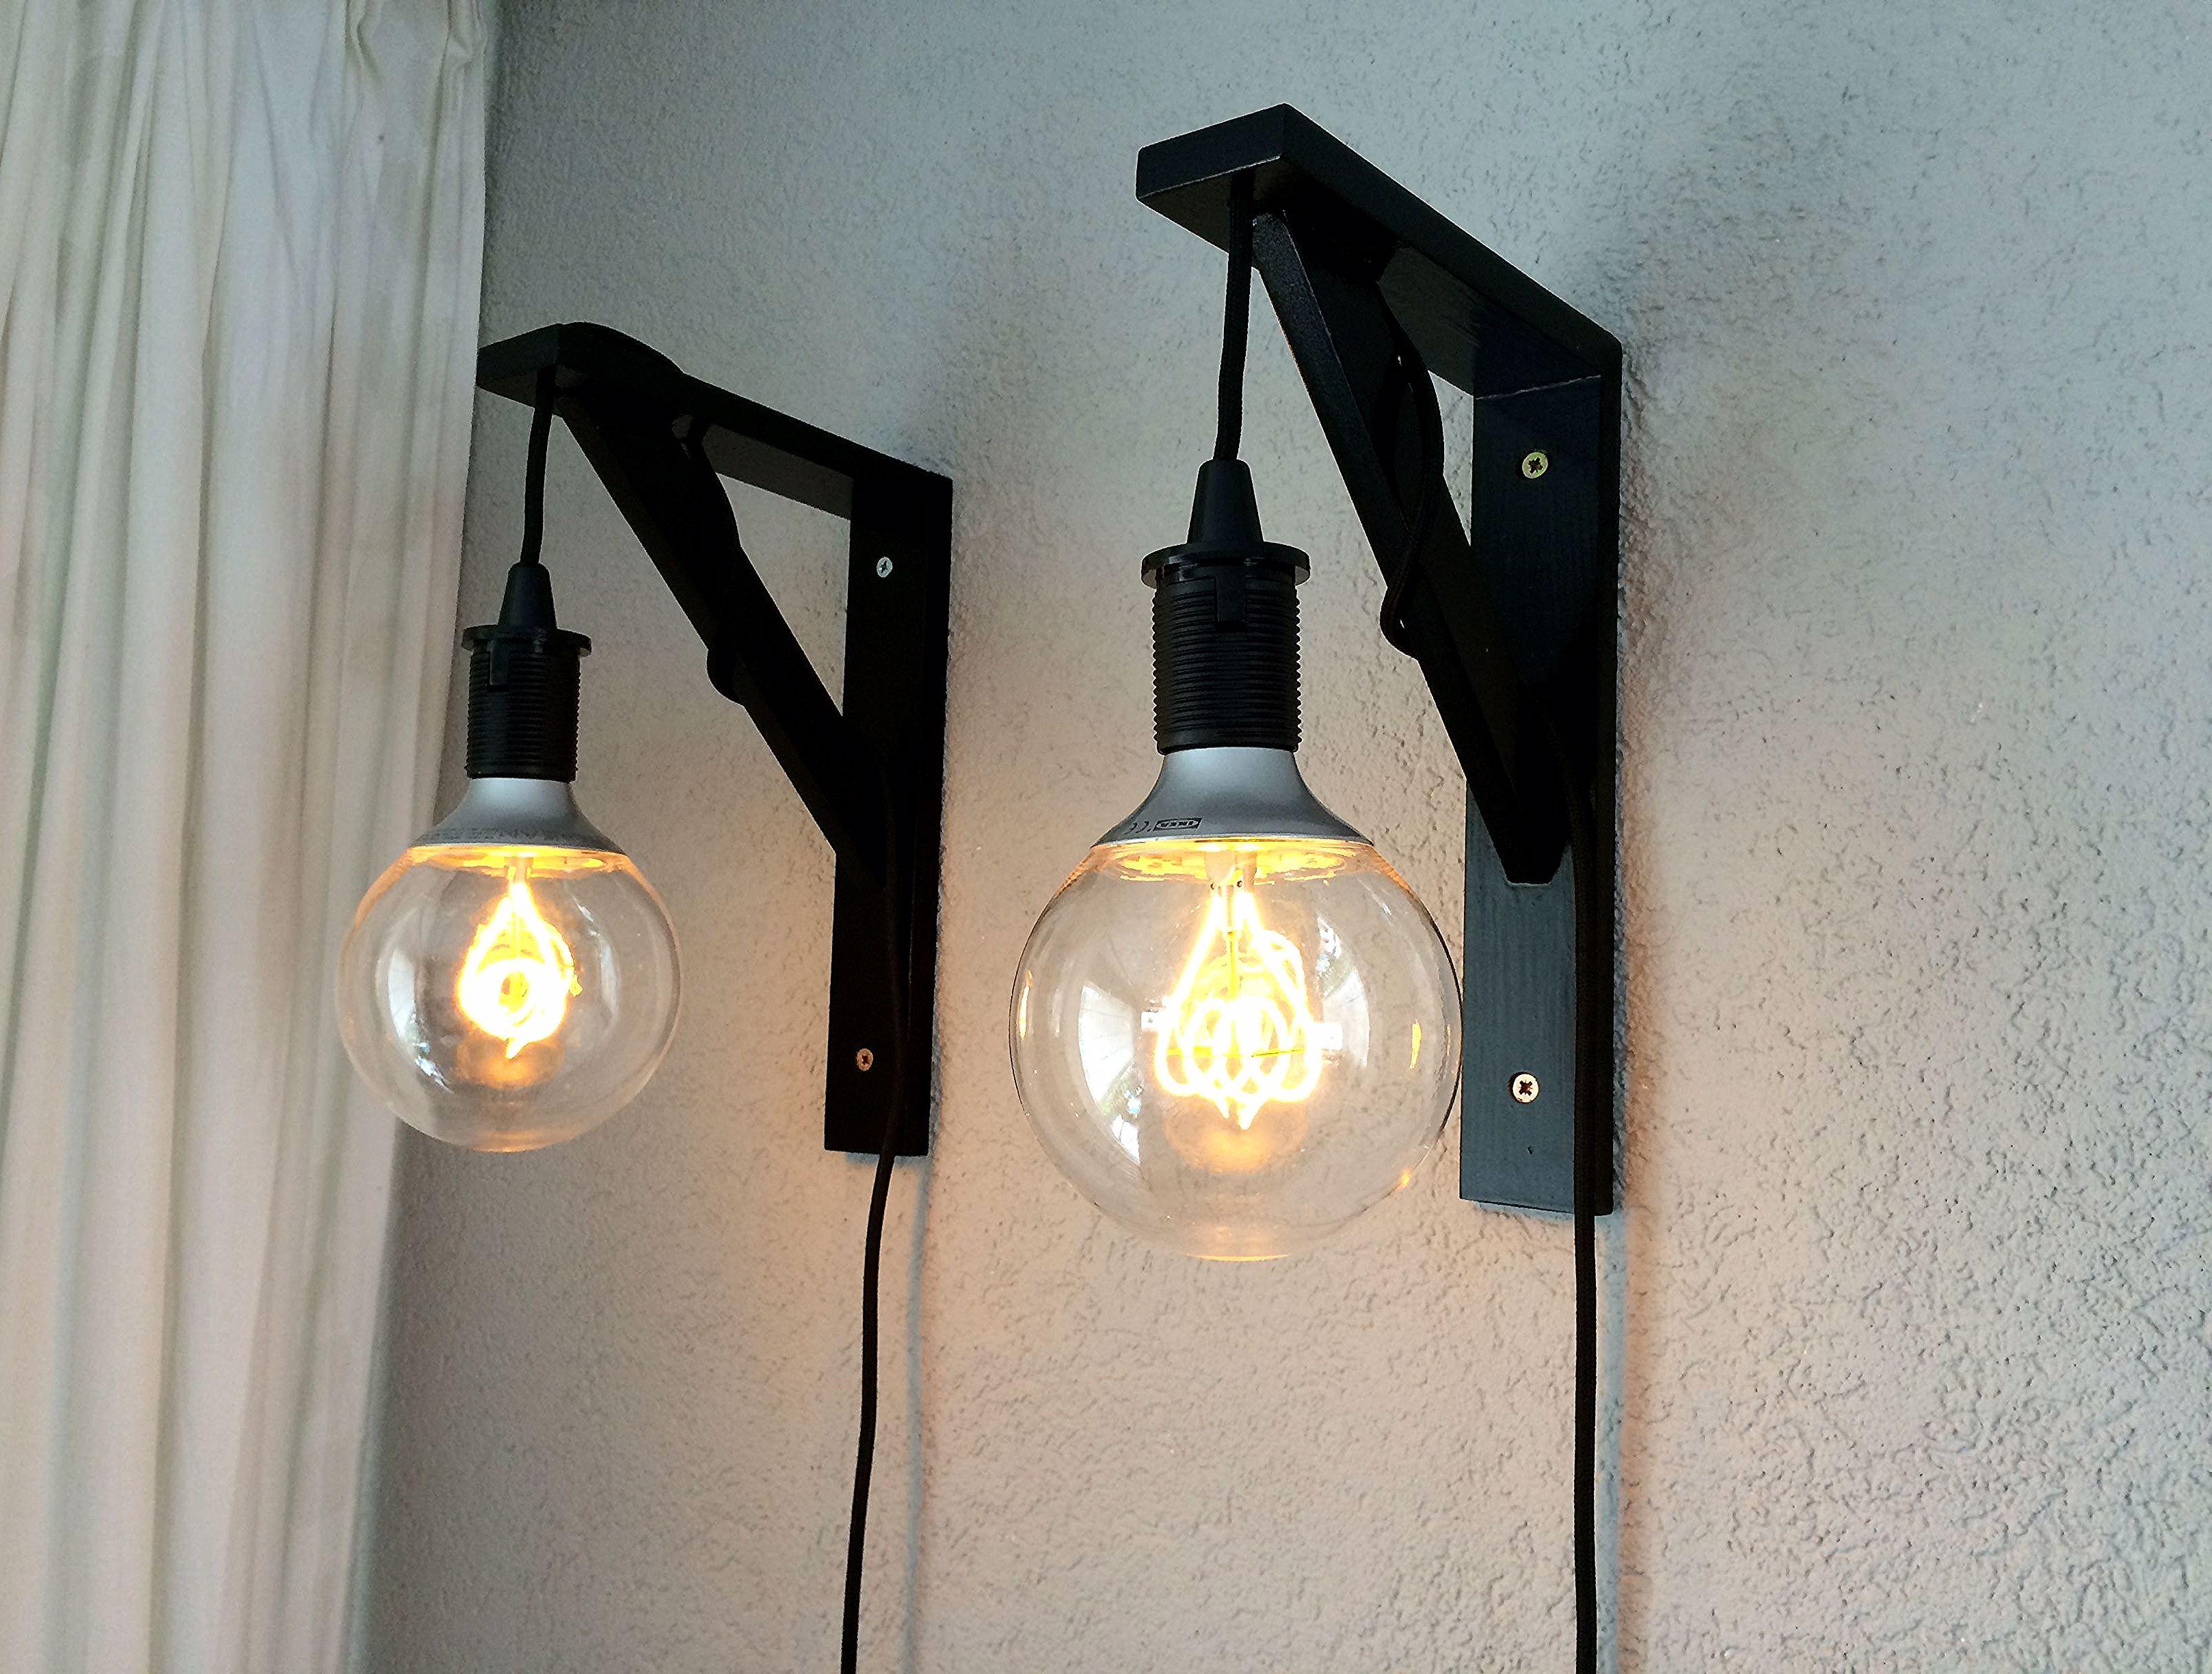 Hanglampen Gemaakt Met De Ikea Nittio Ledlamp In 2020 Hanging Bedroom Lights Home Decor Inspiration Wall Lamp